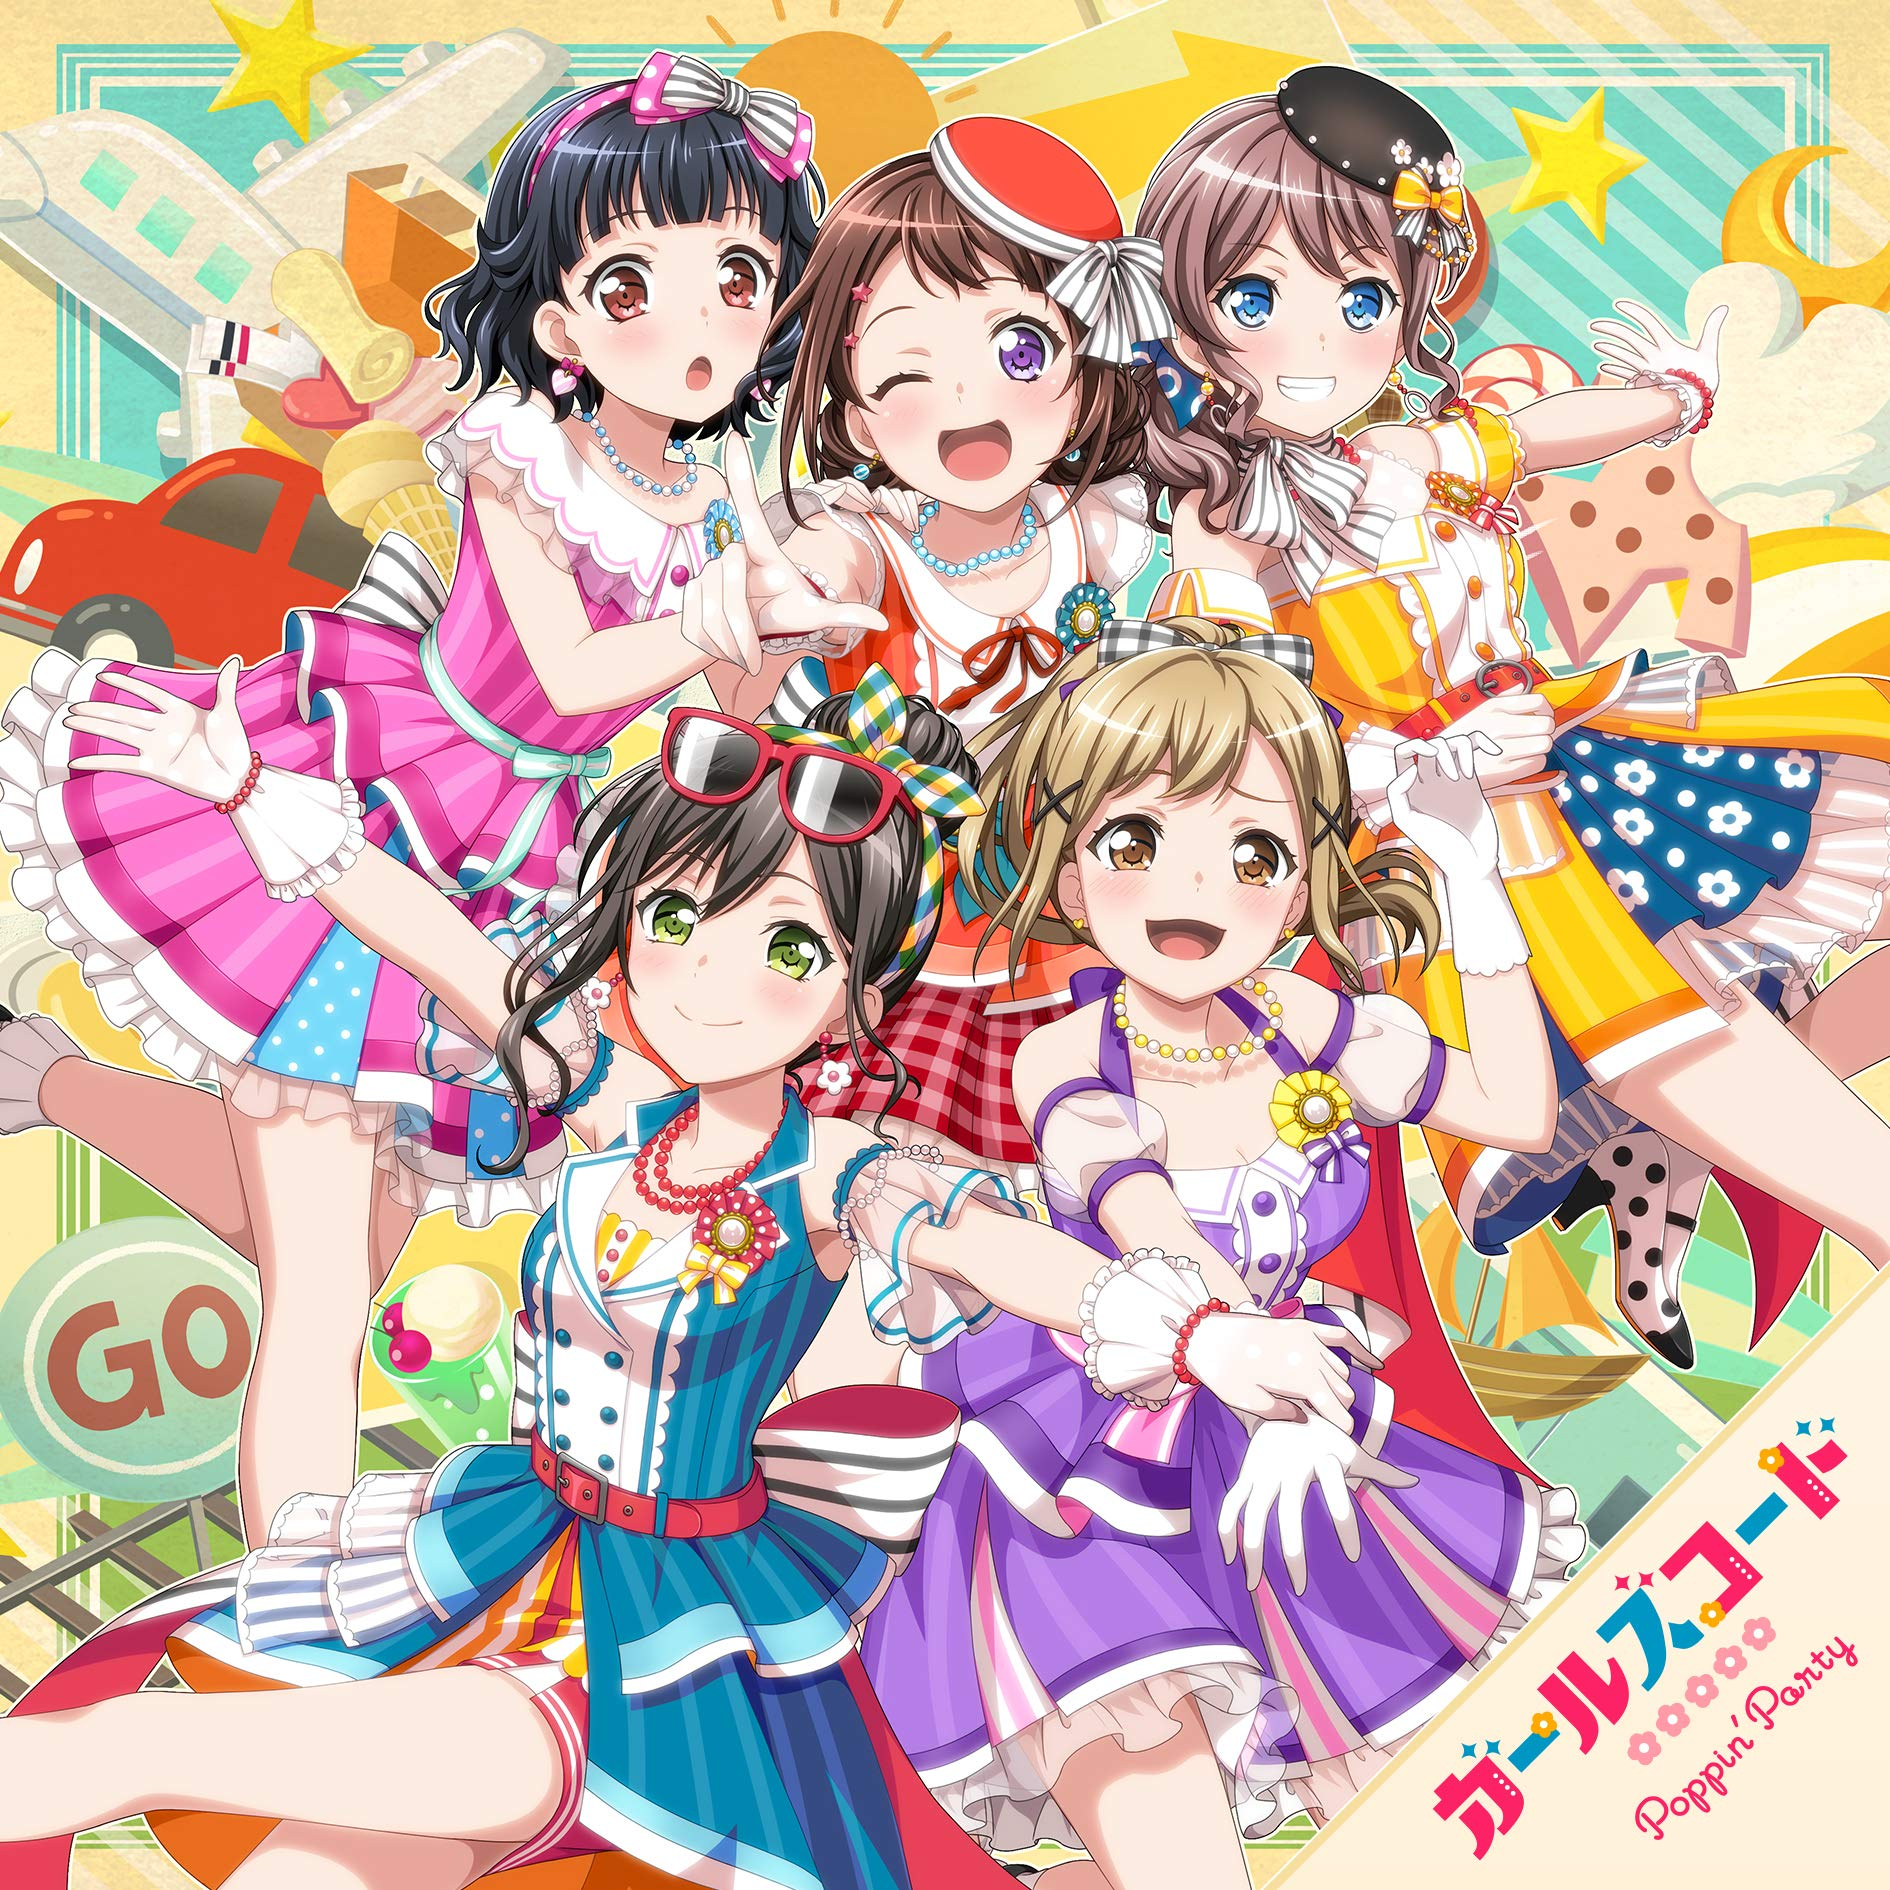 Bang Dream バンドリ Ipad壁紙 Poppin Party ガールズコード アニメ スマホ用画像931